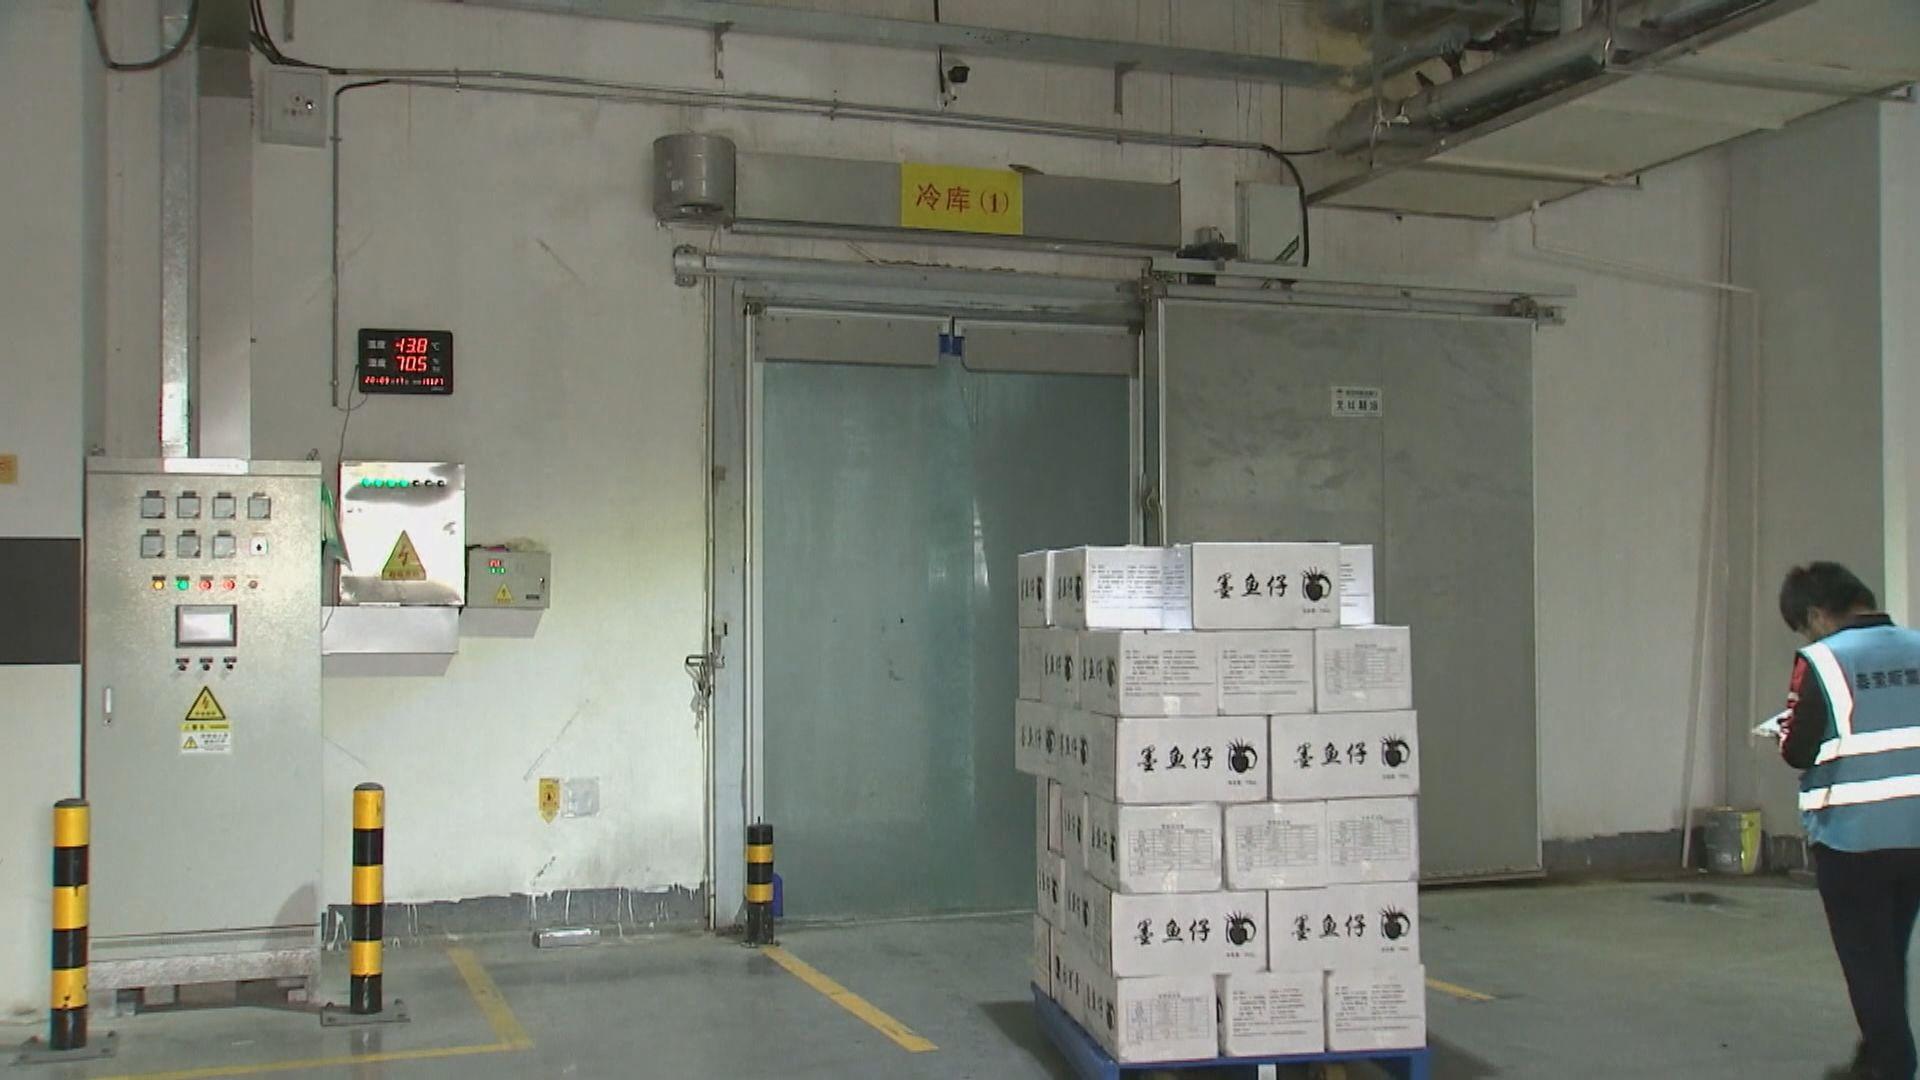 天津食品冷凍庫工人確診新冠病毒